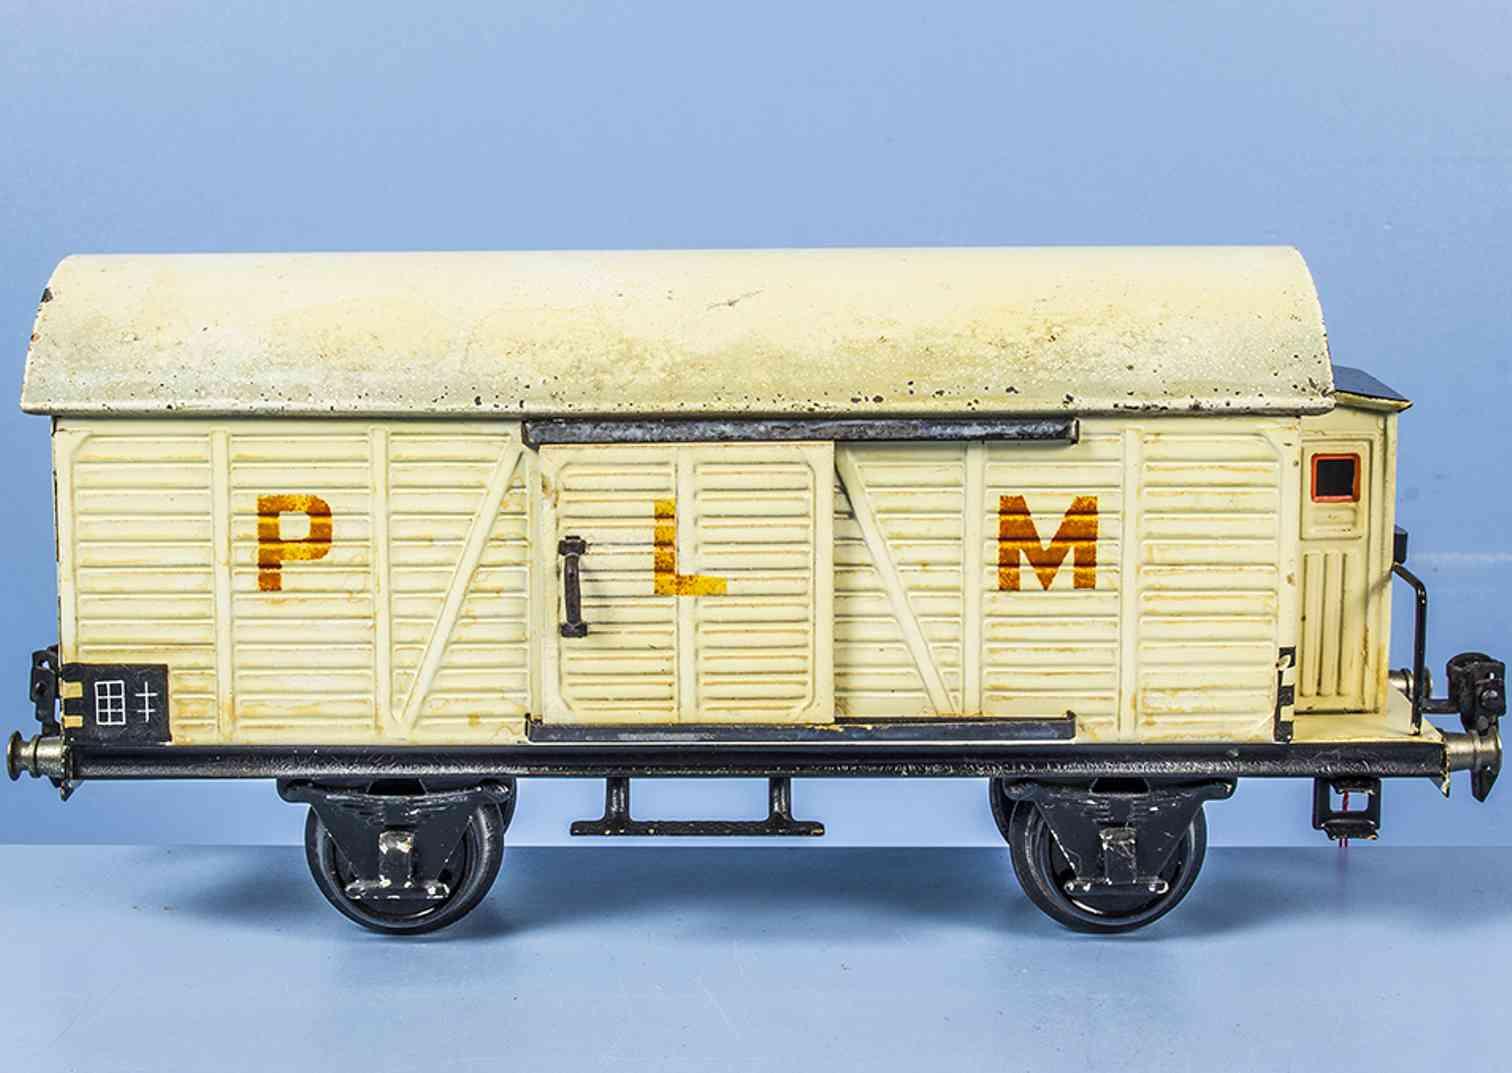 maerklin 1793/1 PLM spielzeug eisenbahn kuehlwagen spur 0